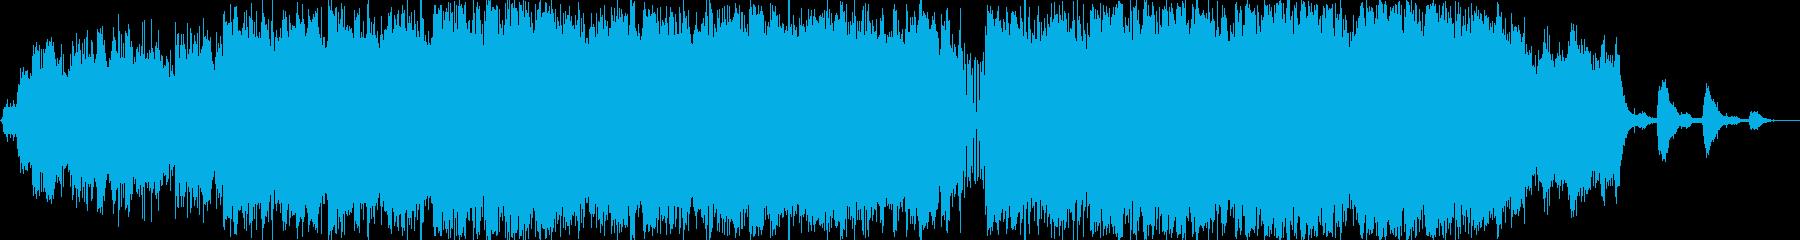 動画 センチメンタル 技術的な 静...の再生済みの波形